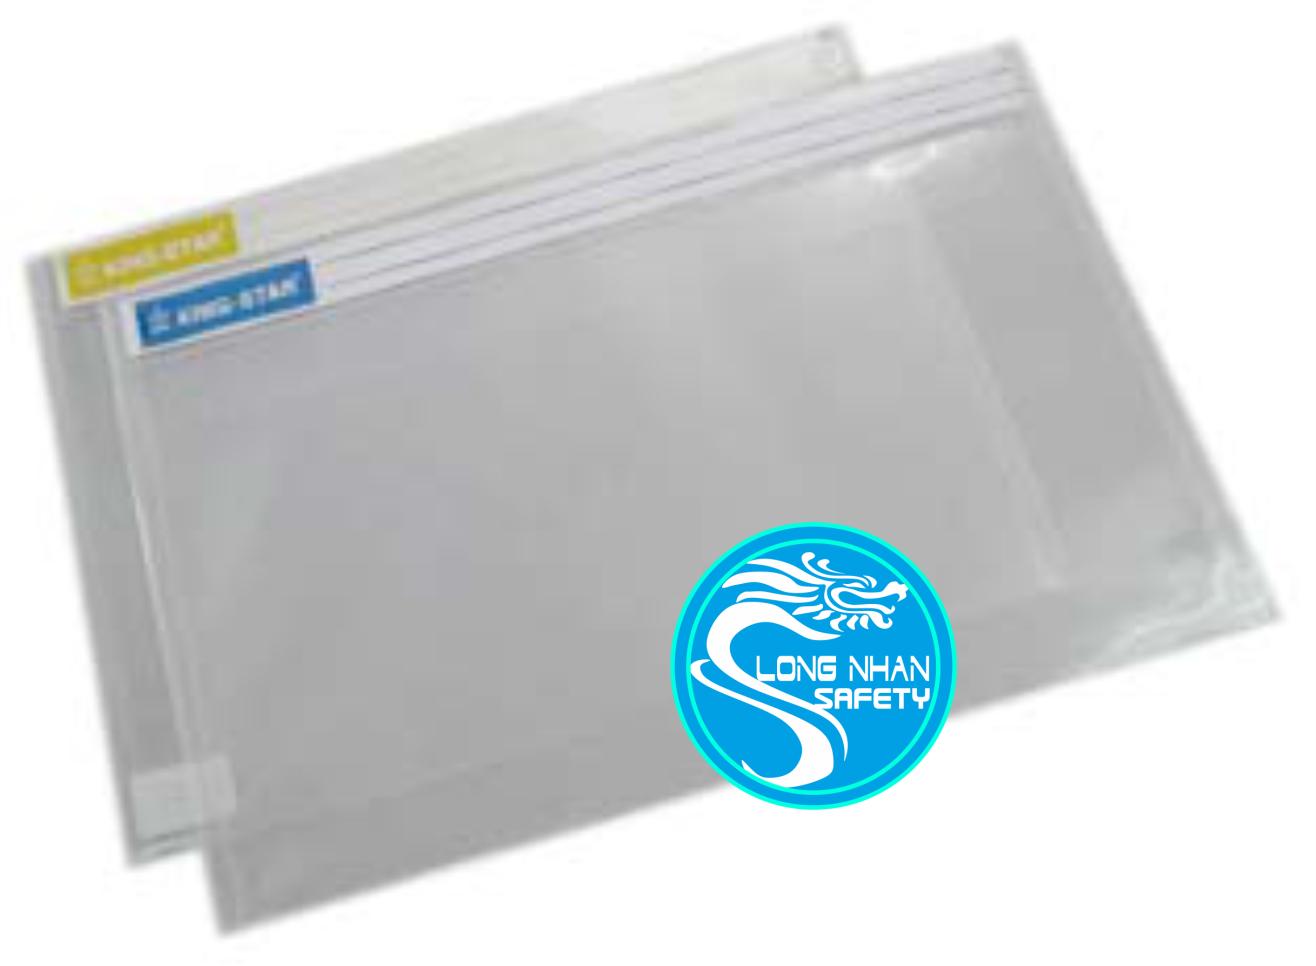 Bìa Bao Thư Nhựa có nắp nhãn